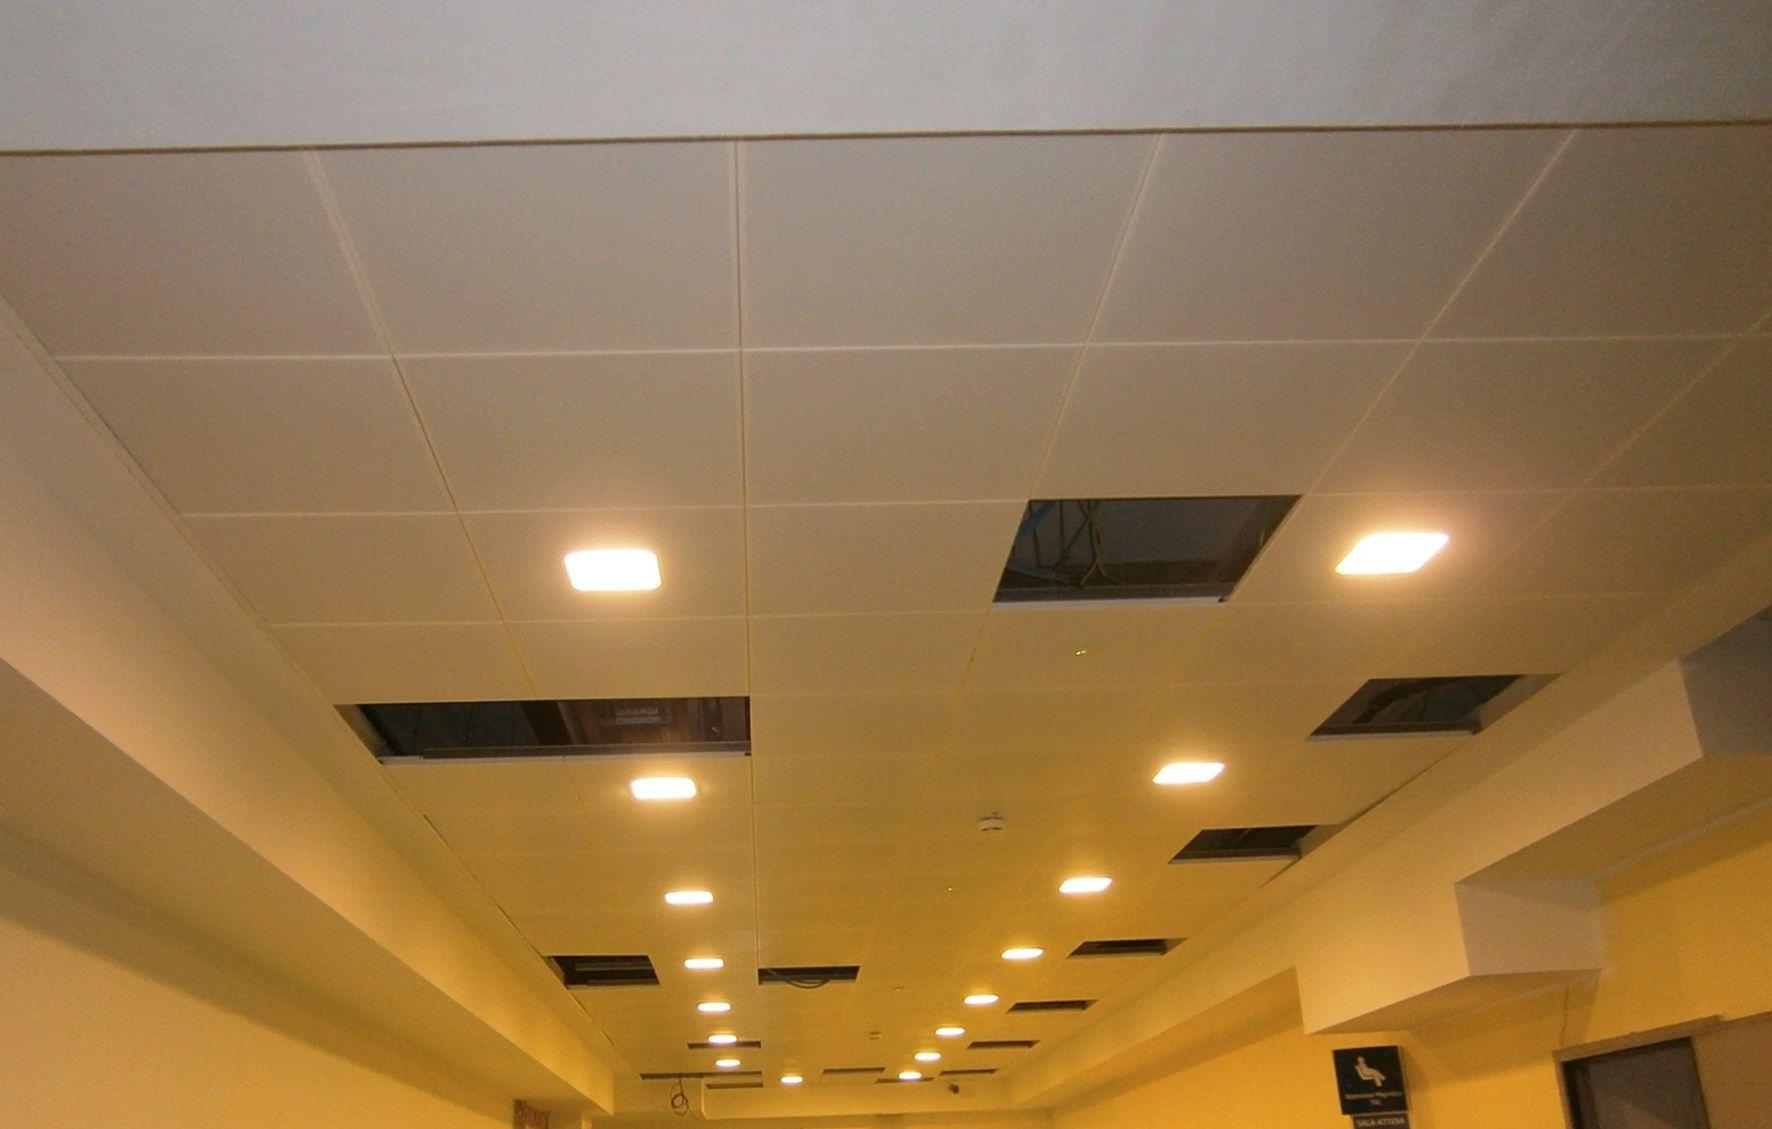 Soffitti metallici firmati Armstrong Building Products per il nuovo Presidio Ospedaliero di San Donato Milanese